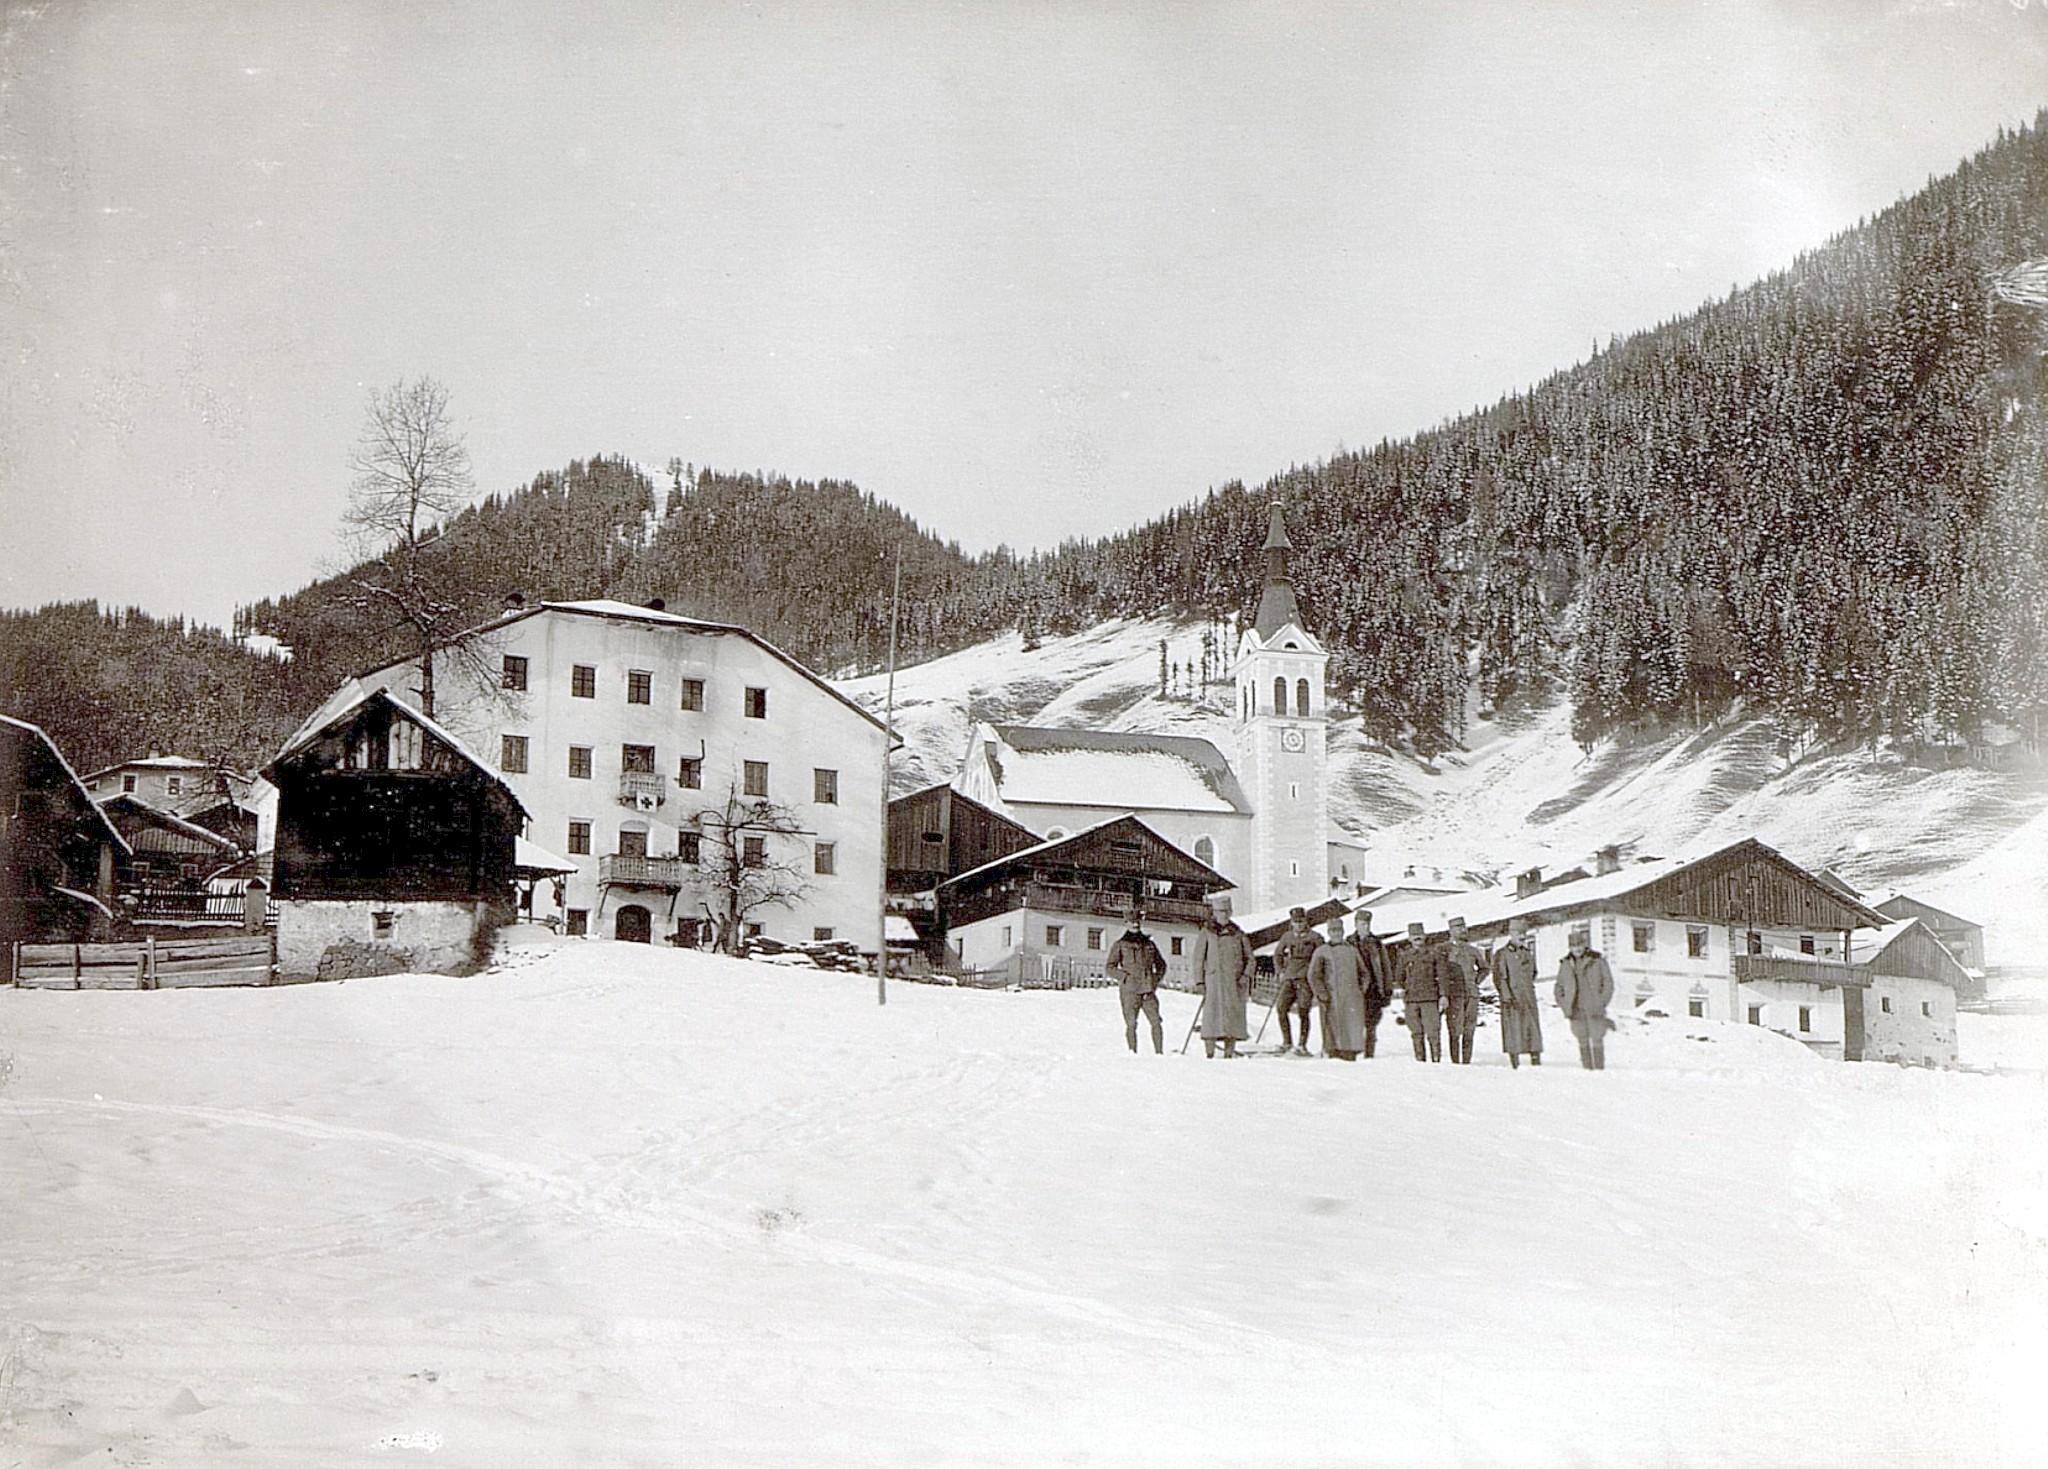 Obertilliach 1916, Dorfbild